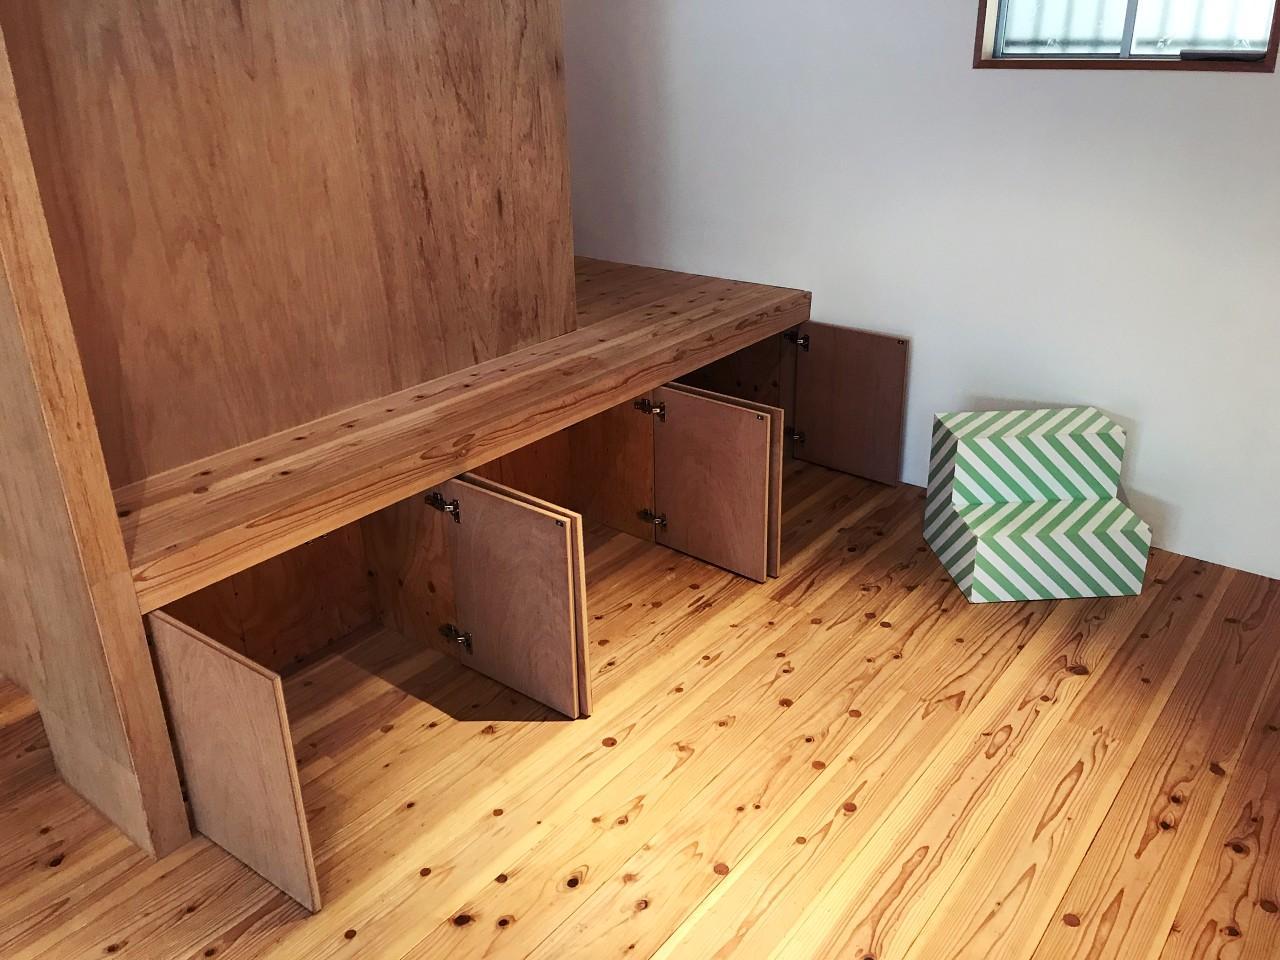 ワークスペース側にも、シンプルな暮らしをささえる収納たち